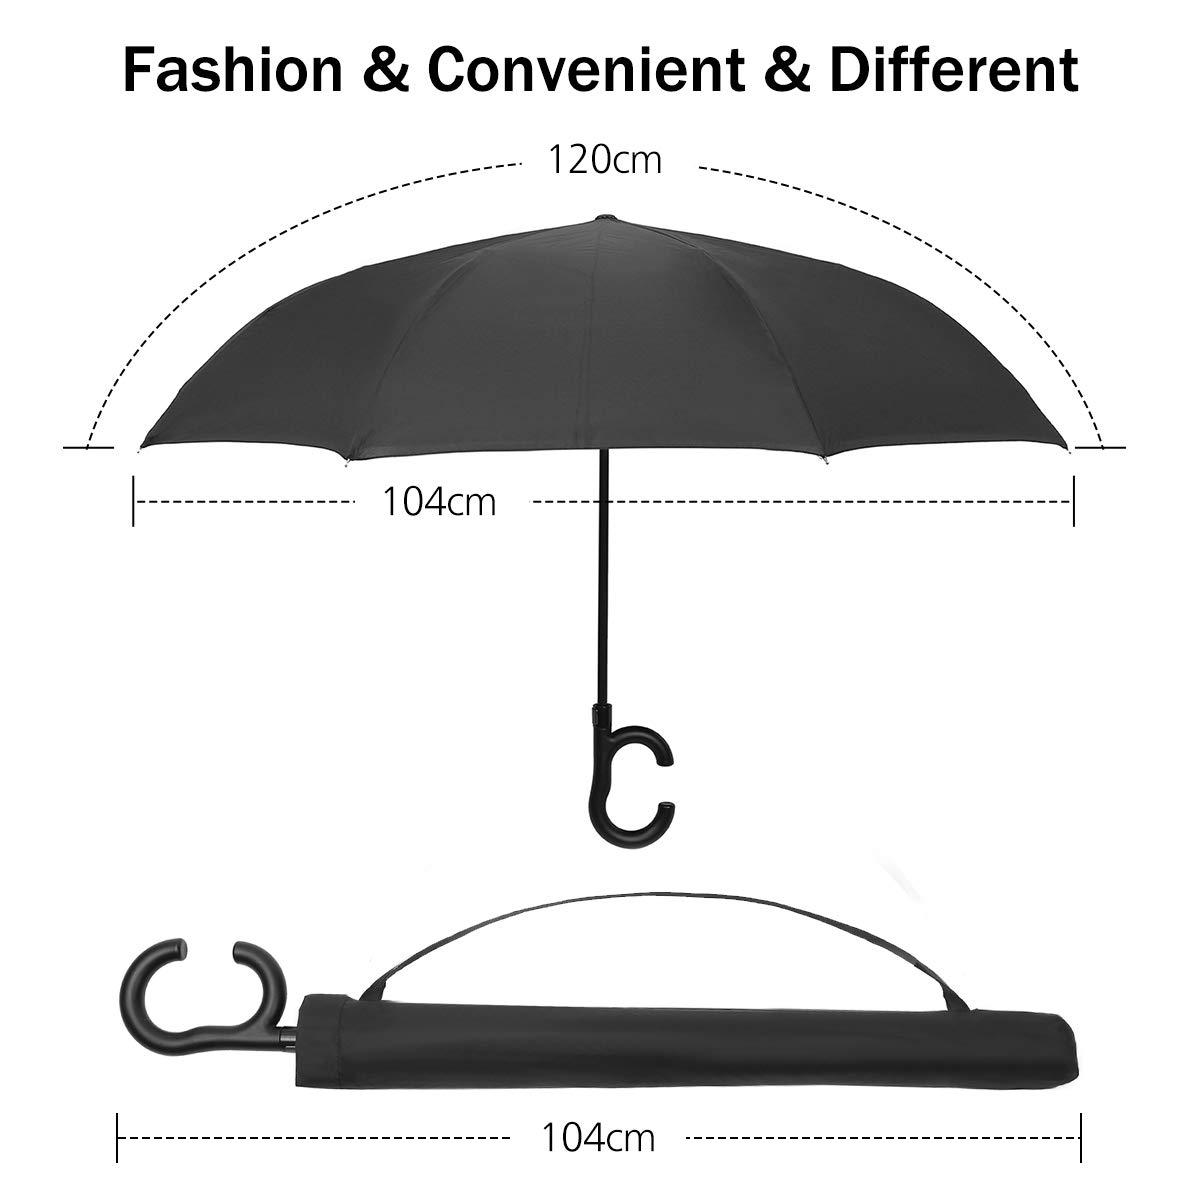 Pathonor Parapluie Invers/é Auto Ouvert Parapluie Canne Anti-UV Double Couche Parapluie Canne Mains Parapluie Automatique